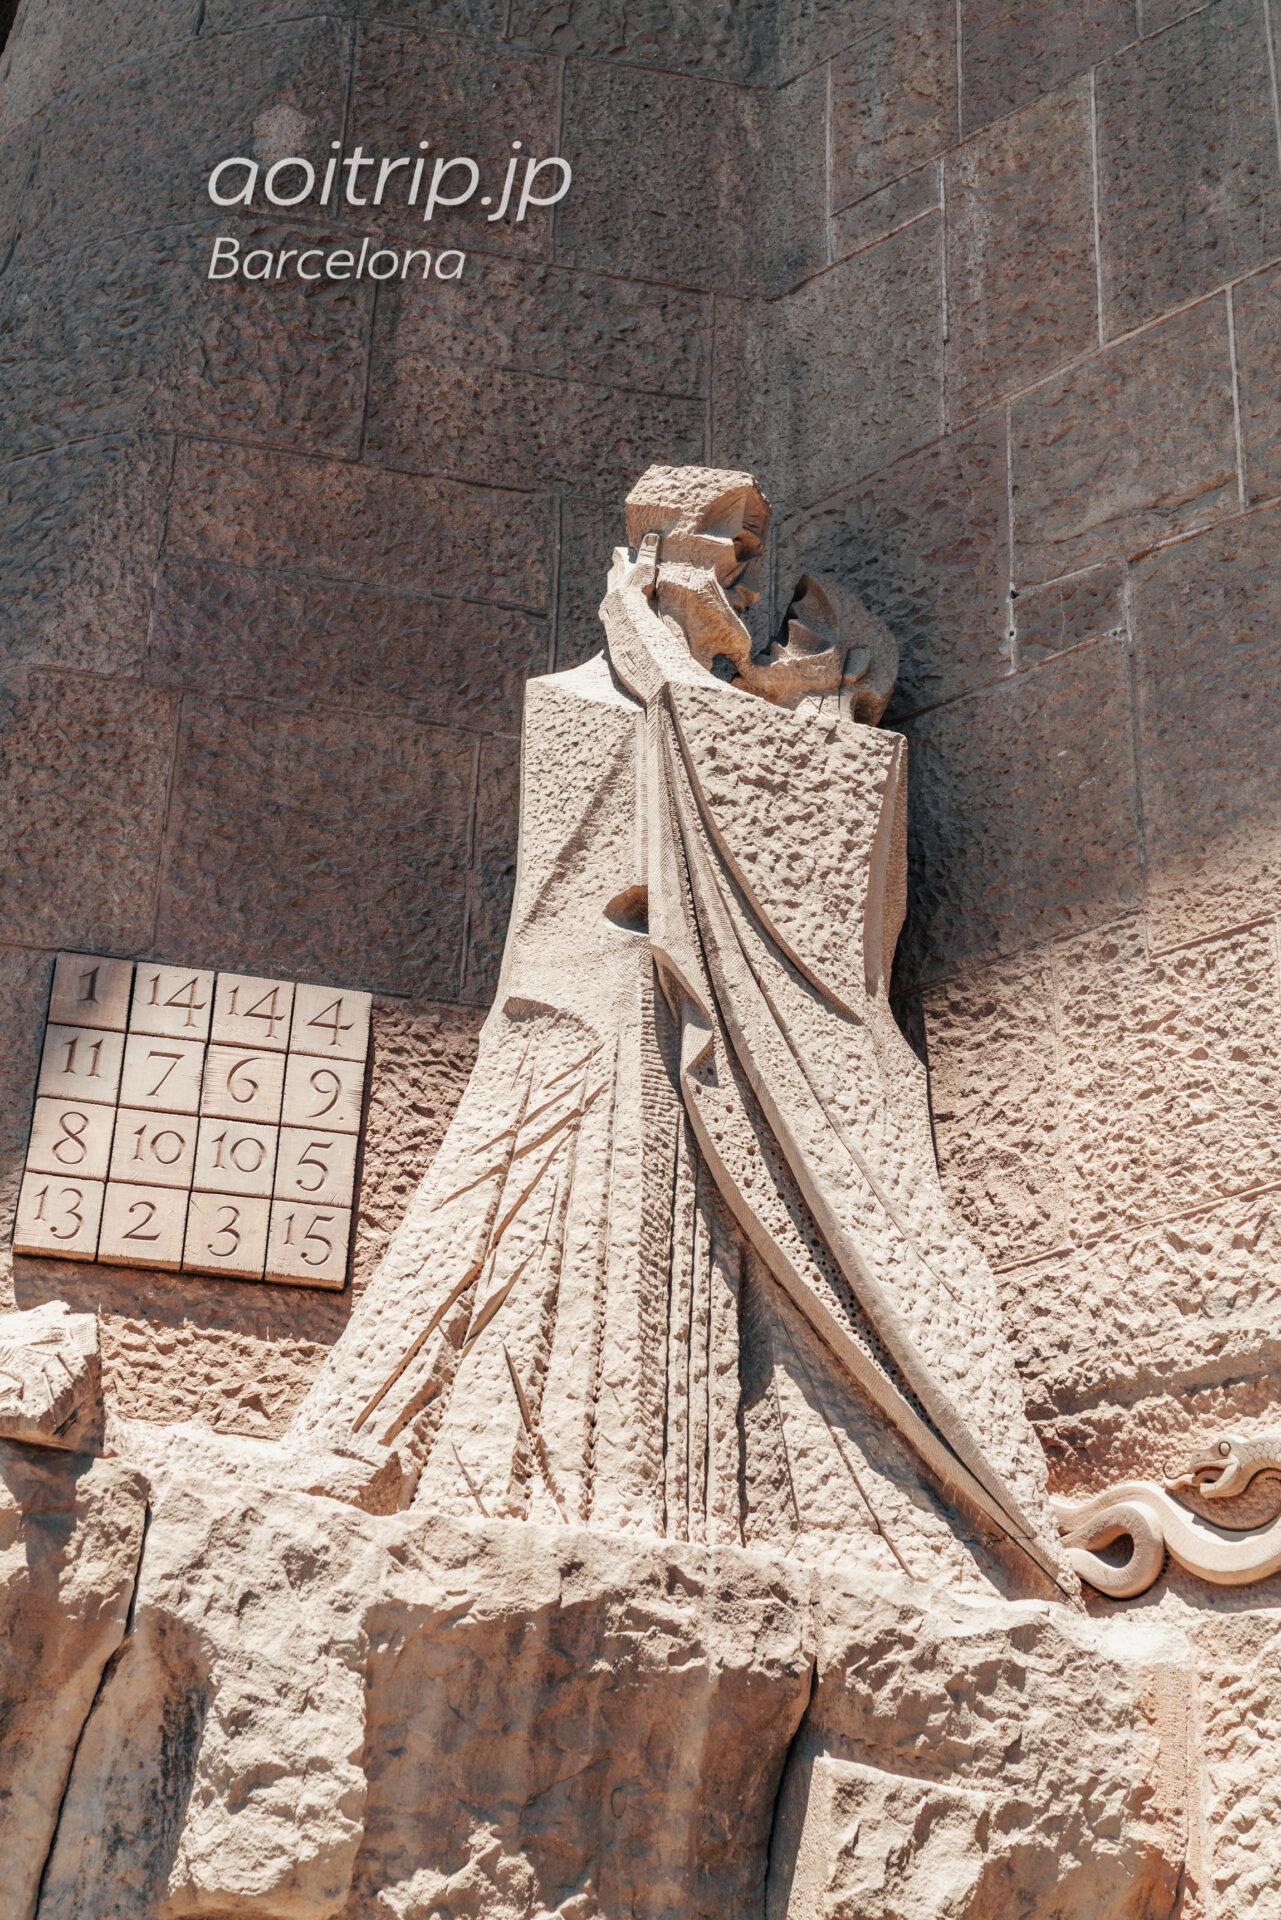 Basílica de la Sagrada Família(Façana de la Passió, The betrayal of Judas)